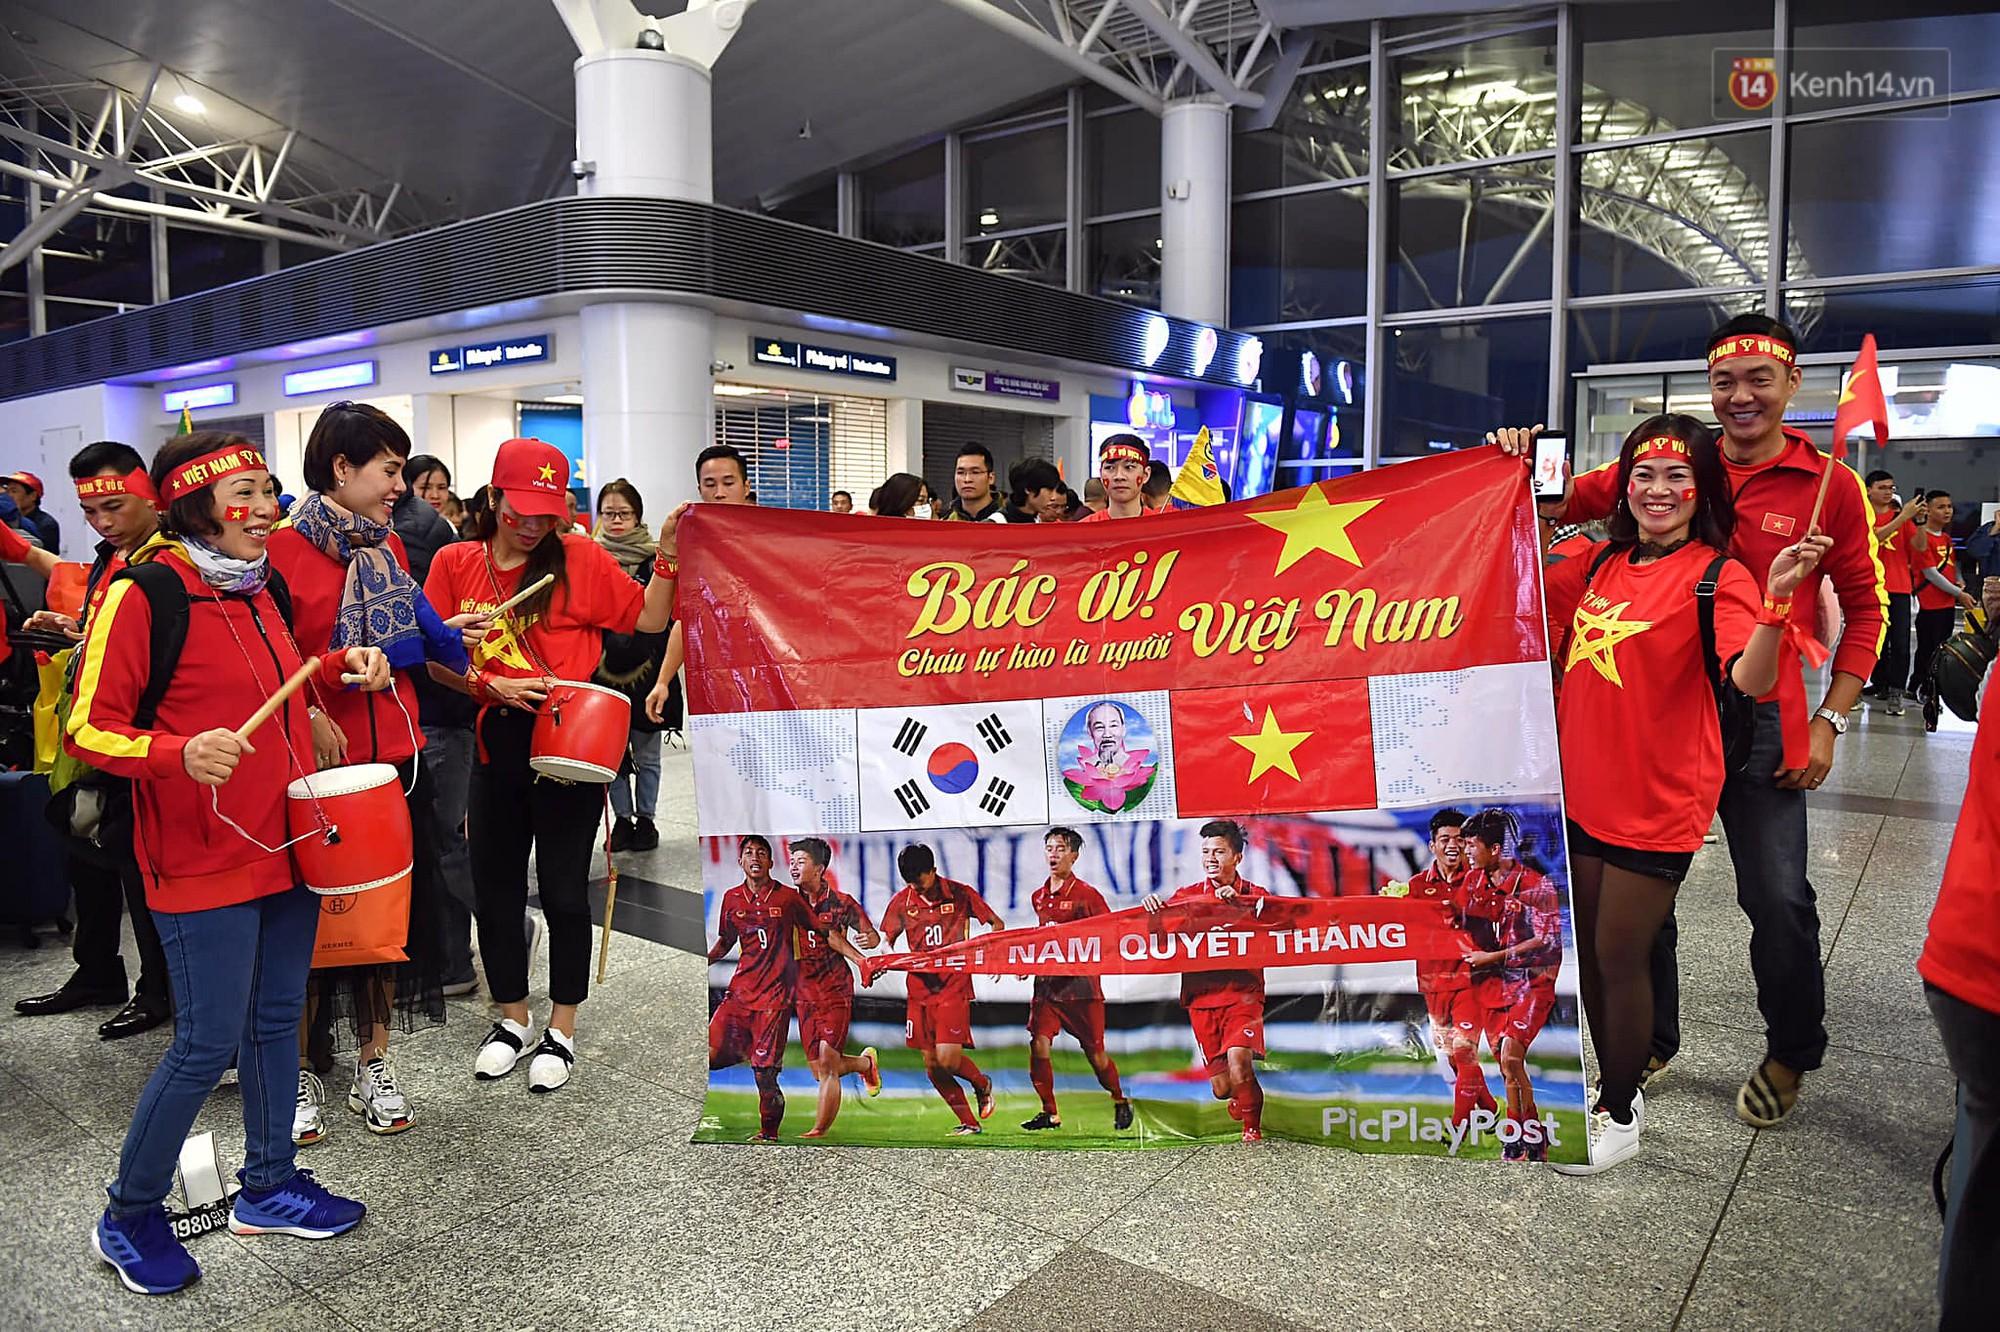 CĐV Việt Nam cùng nhau hát Quốc ca ở độ cao 10.000m, hết mình cổ vũ cho ĐT nước nhà trong trận chung kết AFF Cup 2018 1